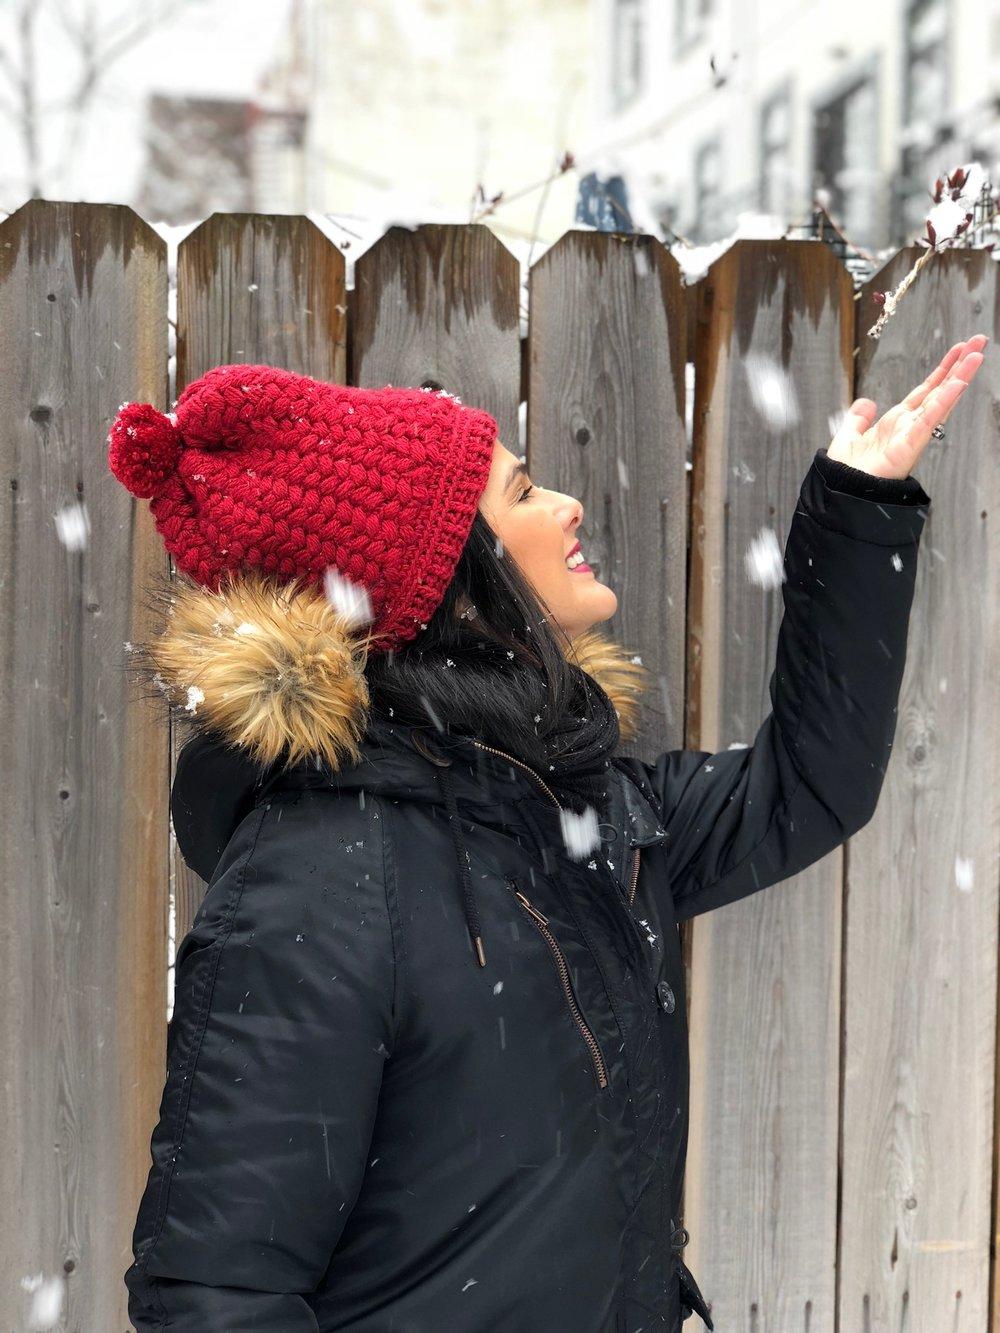 Brancando na última tempestade de neve!